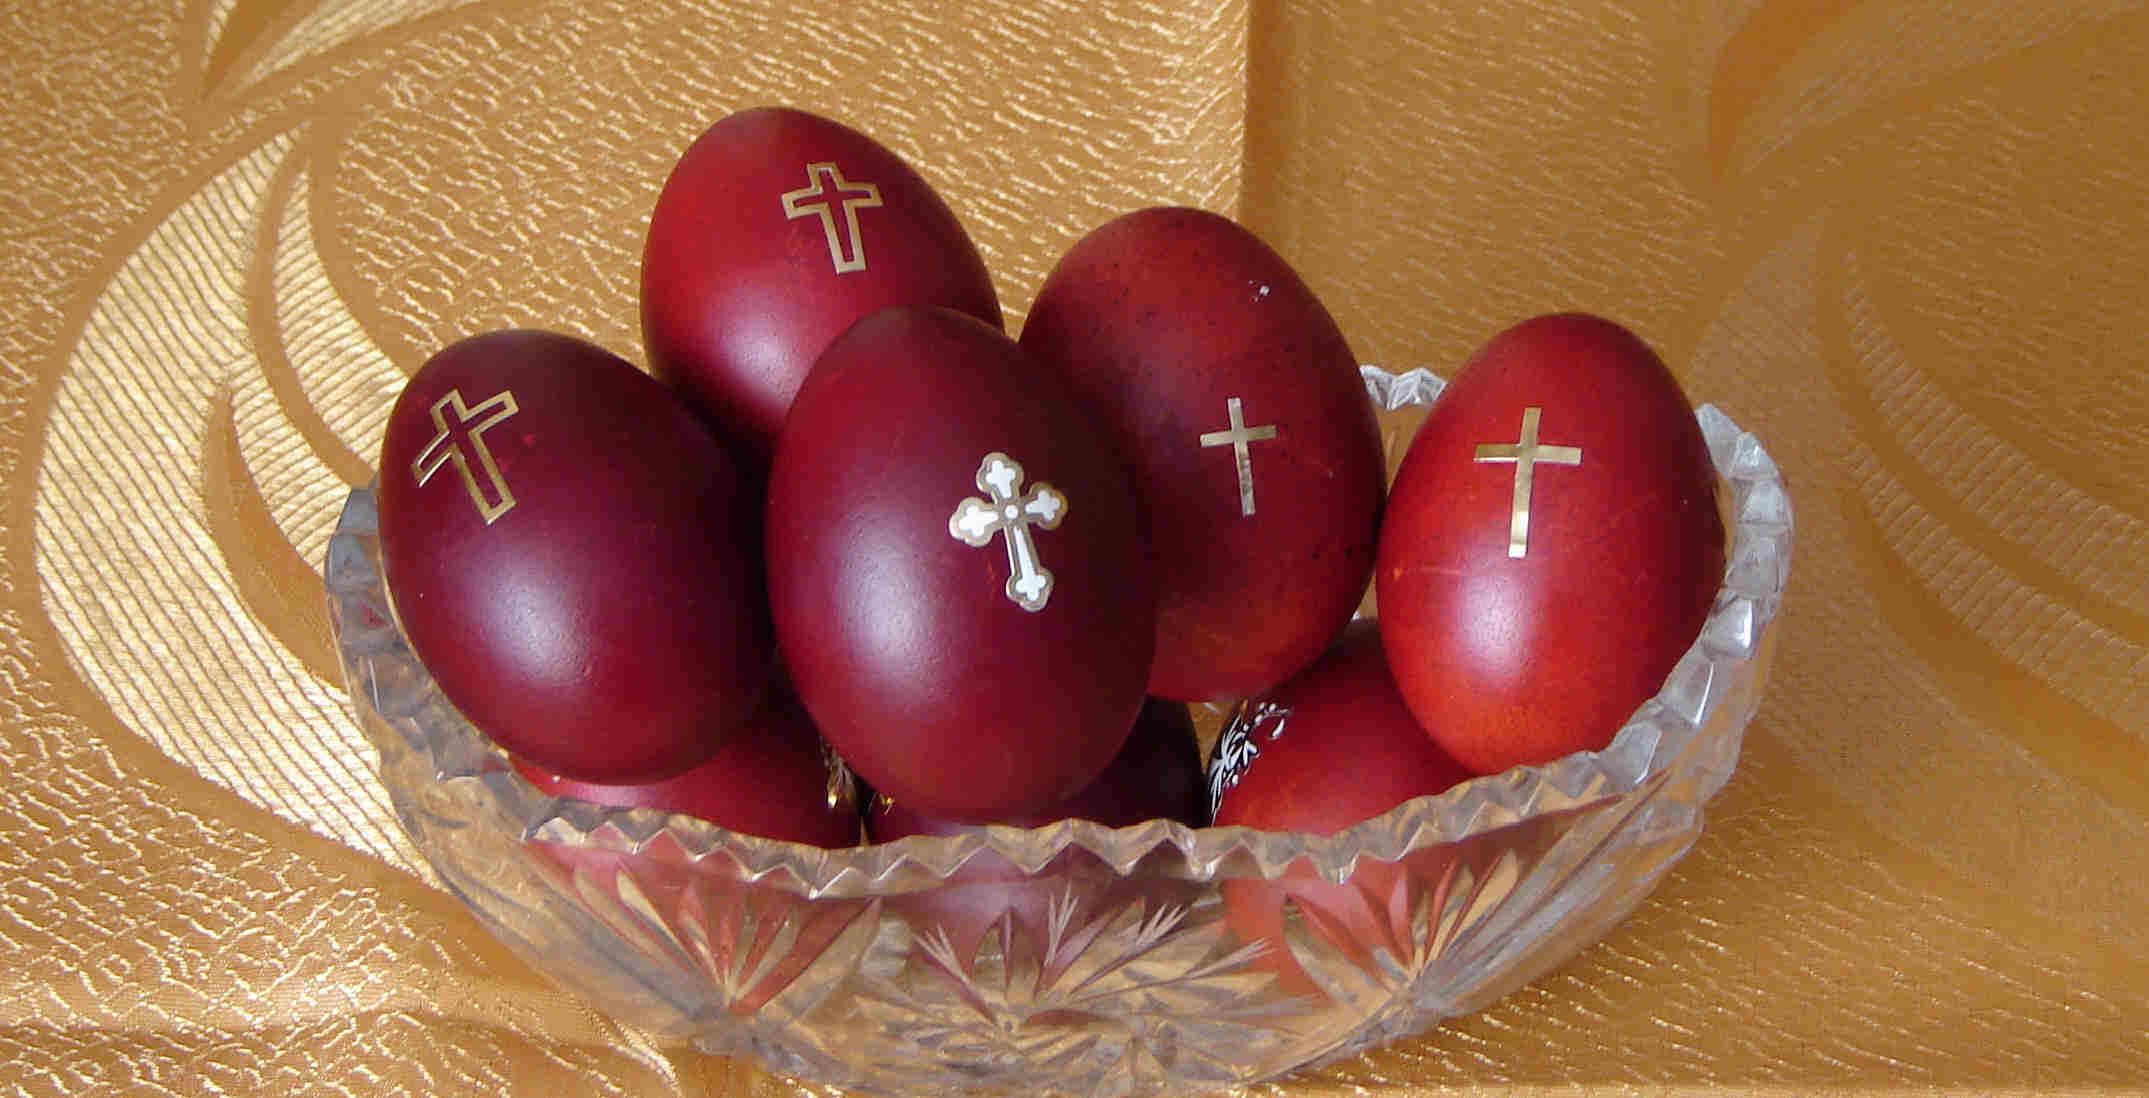 Αποτέλεσμα εικόνας για τα κοκκινα αυγα